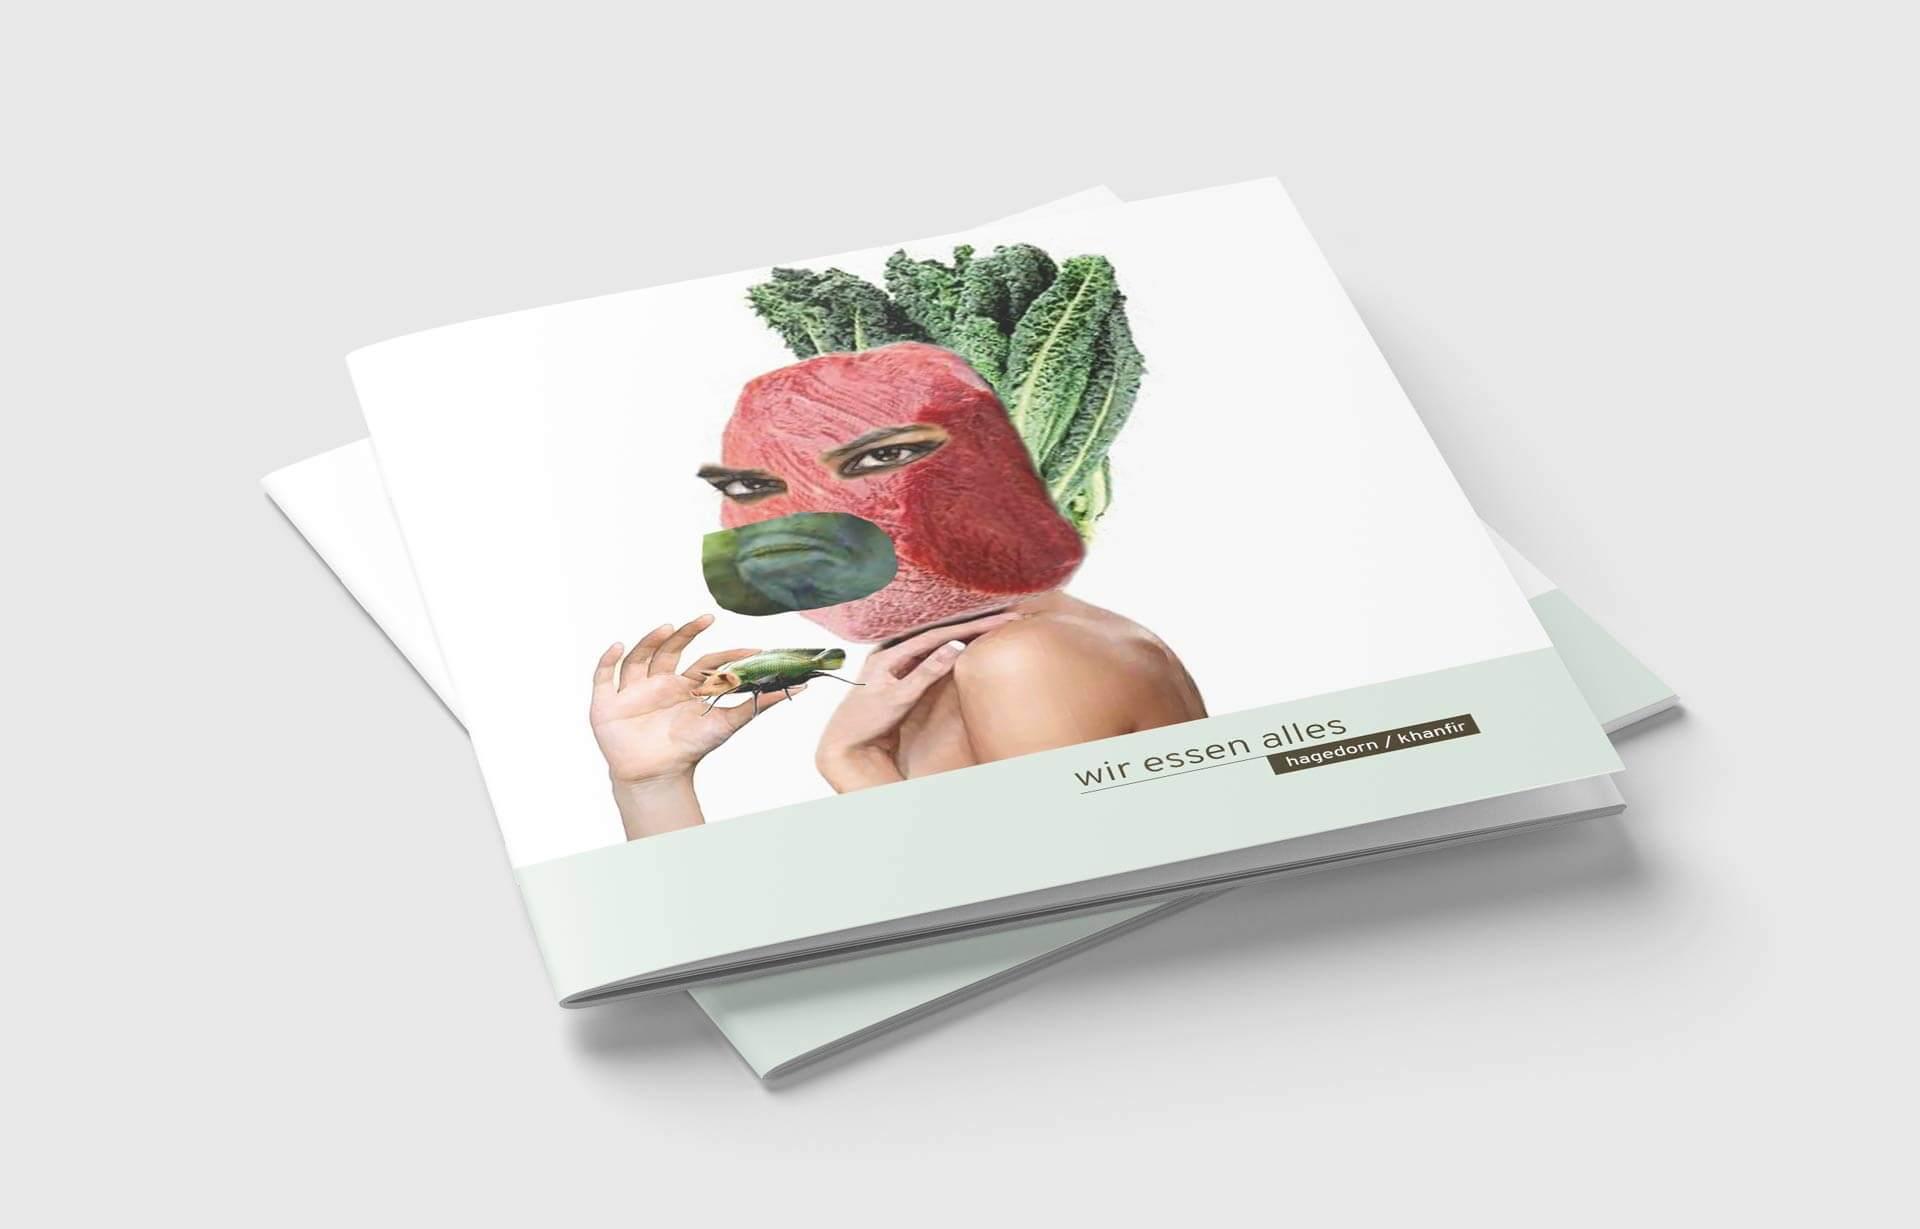 Hagedorn / Khanfir - Wir essen alles - Diskonspekt, 40 Seiten Texte und Collagen zum Essen